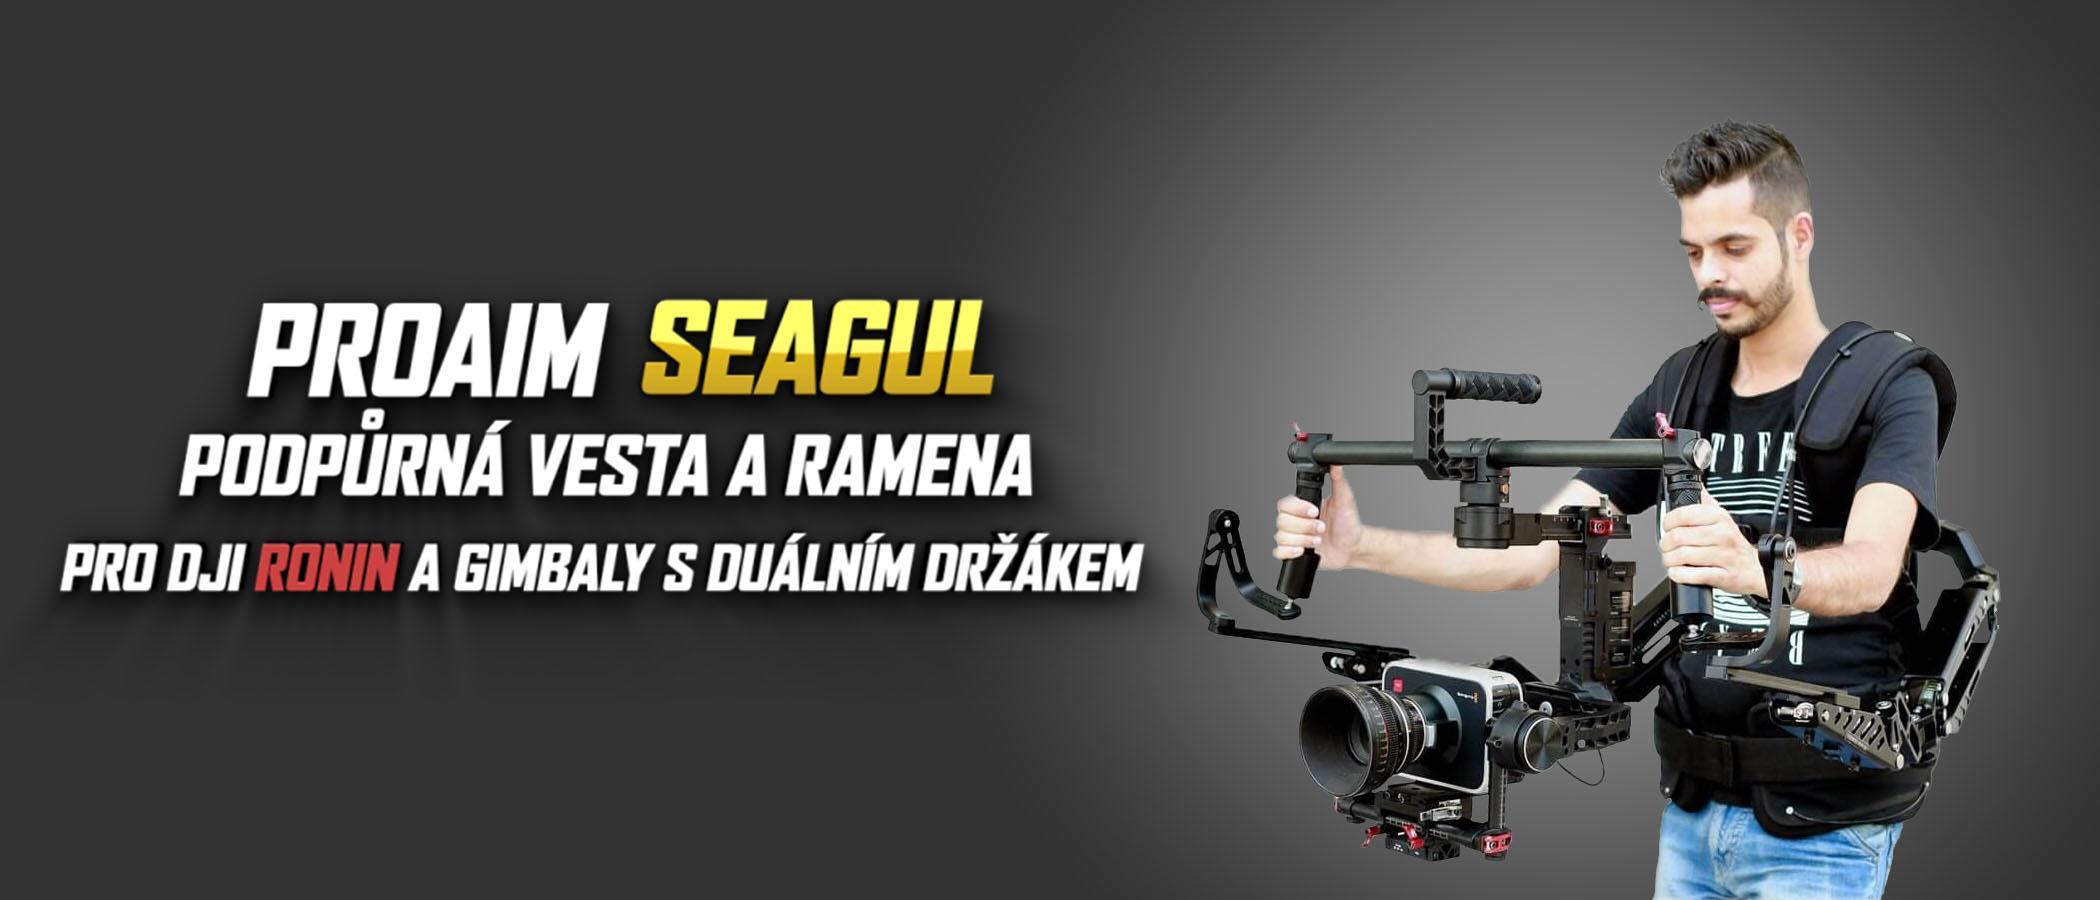 film-technika-proaim-seagull-podpůrná-vesta-a-ramena-pro-roniny-a-další-gimbaly-s-duálním-držákem-pohodlna-vesta_1